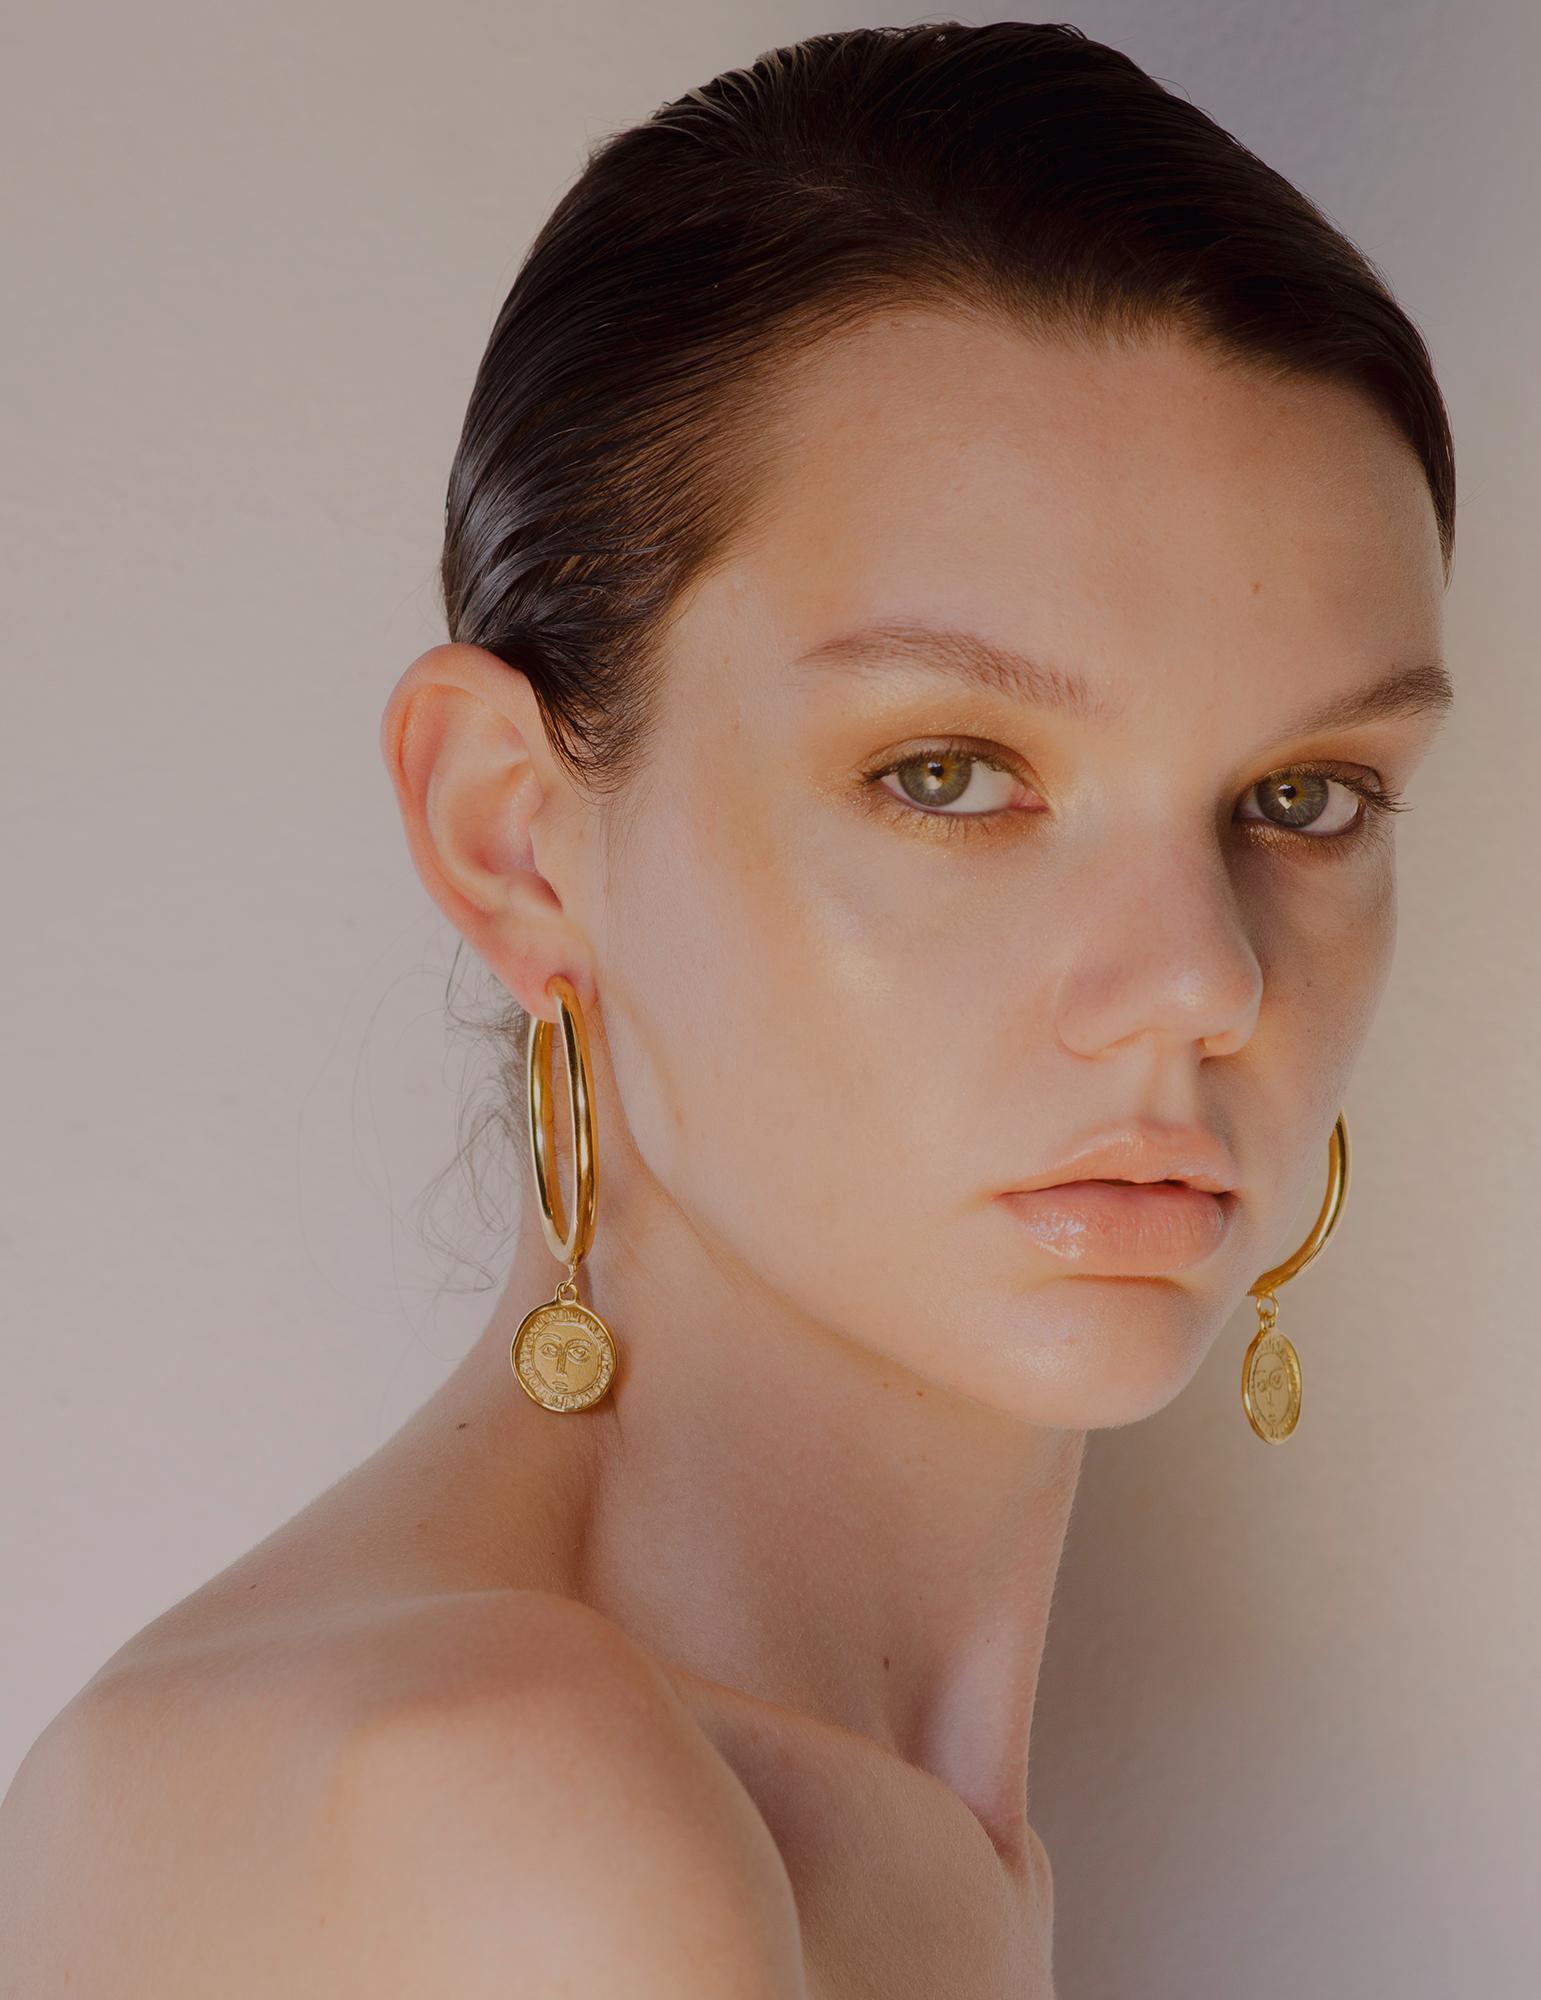 NEUE model Kaela Bayliss